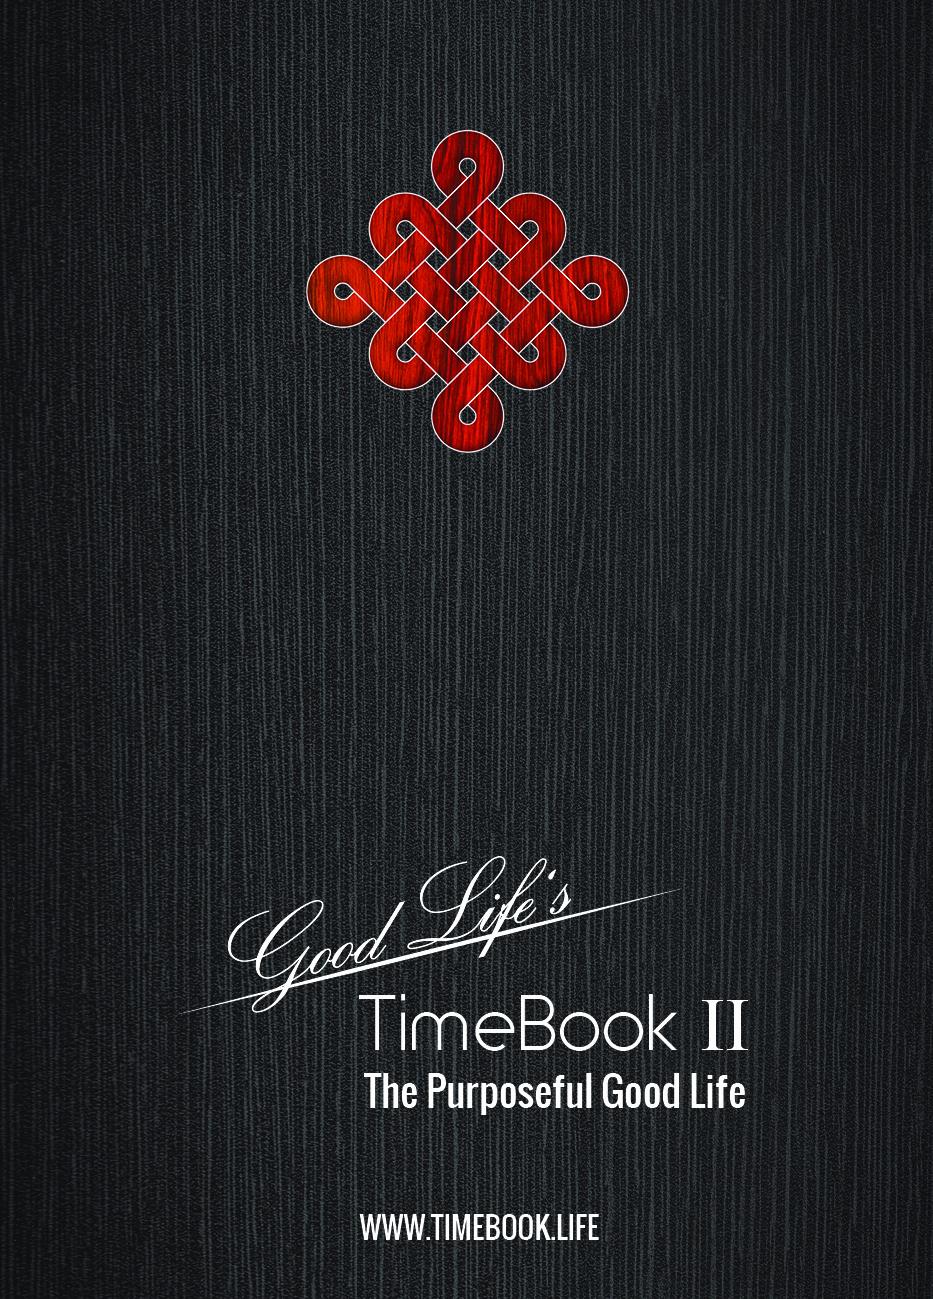 TimeBook II - The Purposeful Good Life